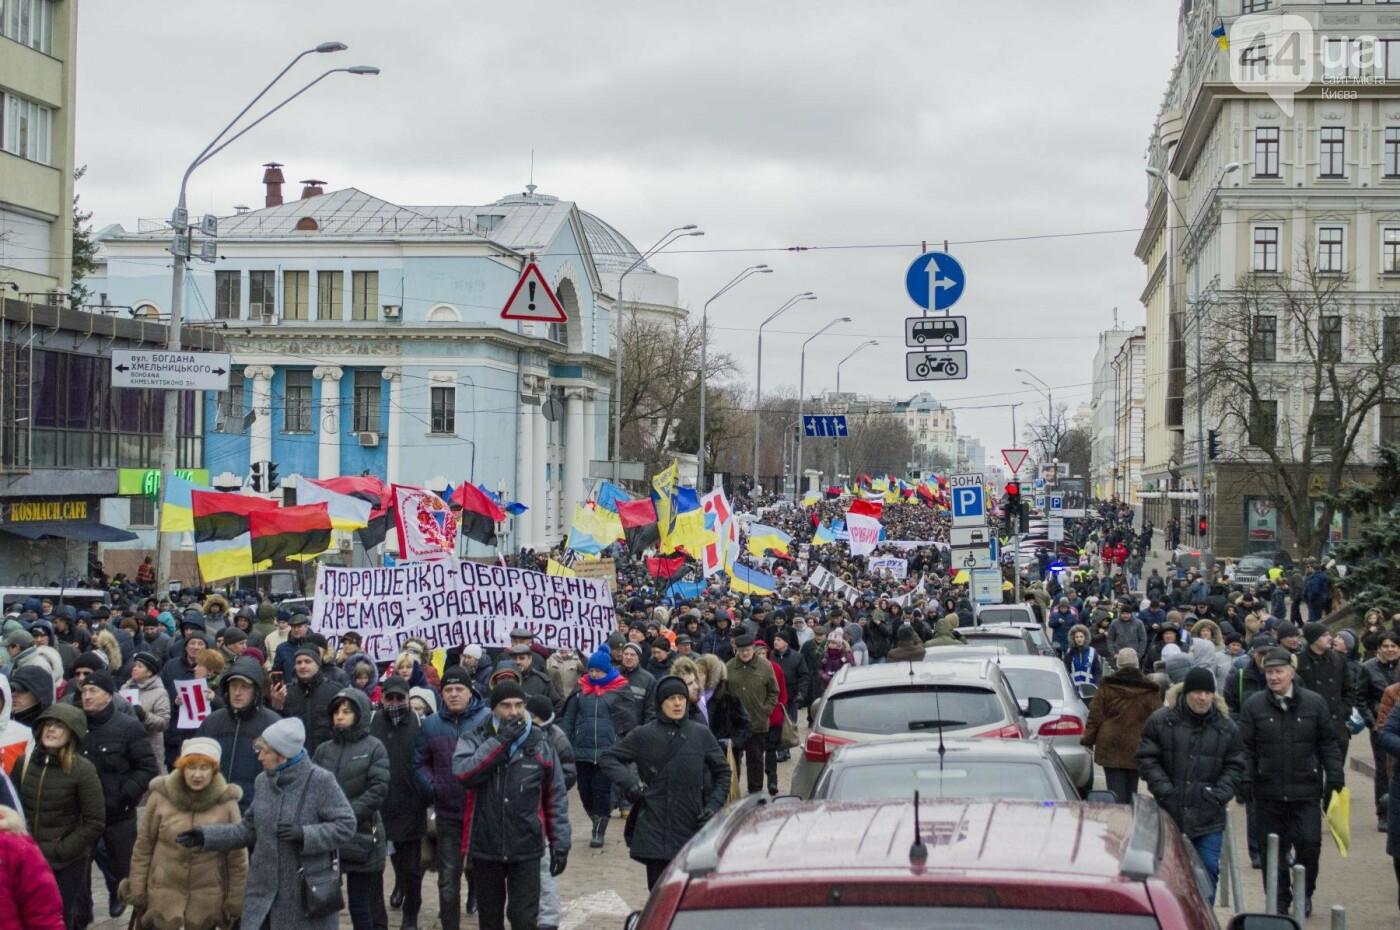 Порошенко дали 14 дней на отставку: Саакашвили провел очередной марш за импичмент, фото-5